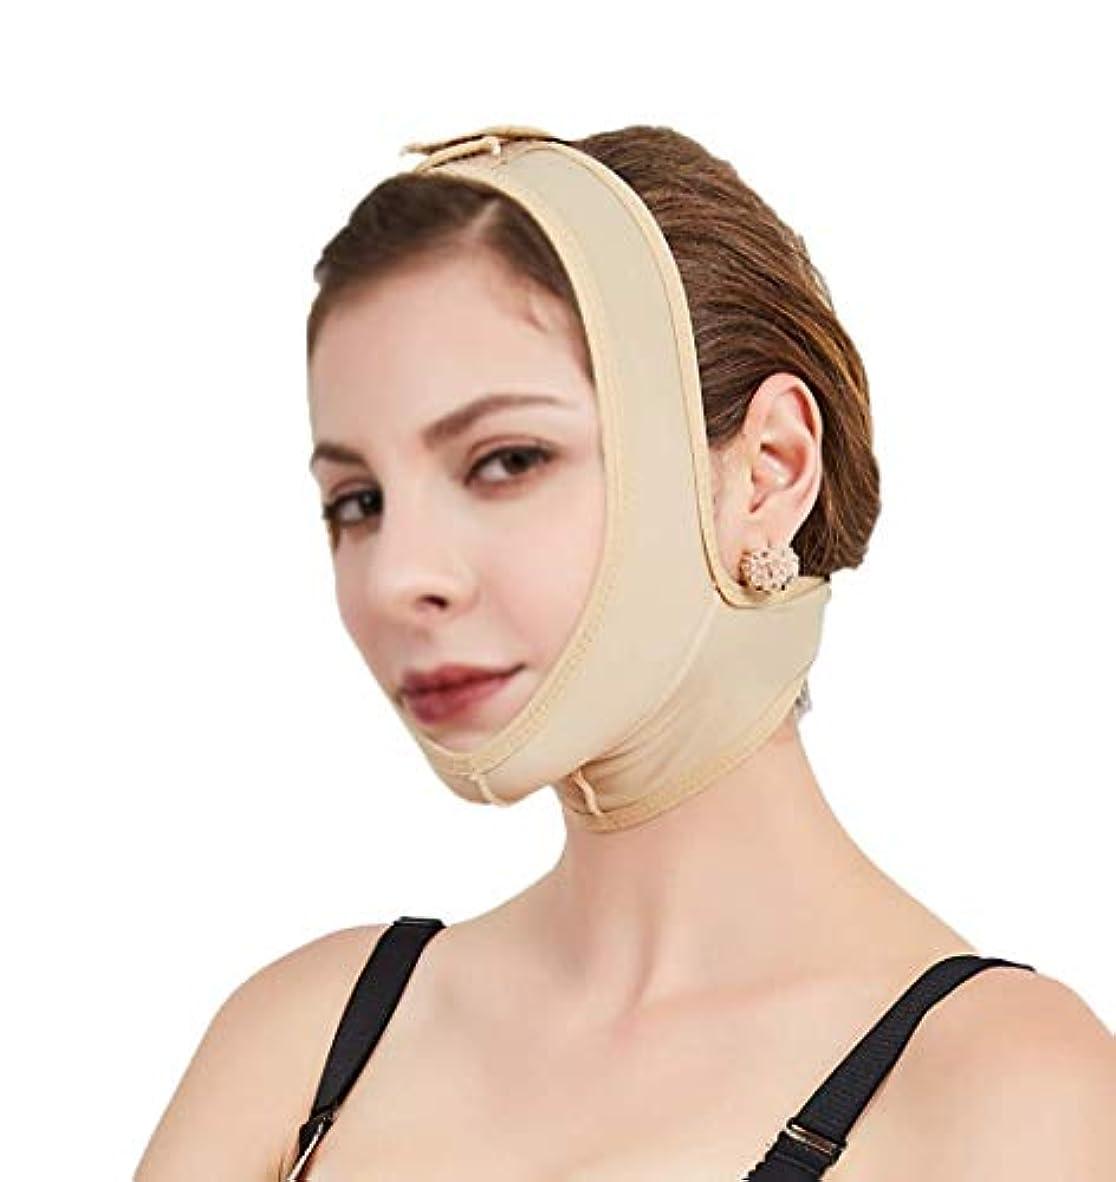 管理する繁栄する遅いフェイスアンドネックリフトポストエラスティックスリーブ下顎骨セットフェイスアーティファクトVフェイスフェイシャルフェイスバンドルダブルチンマスク(サイズ:XS)